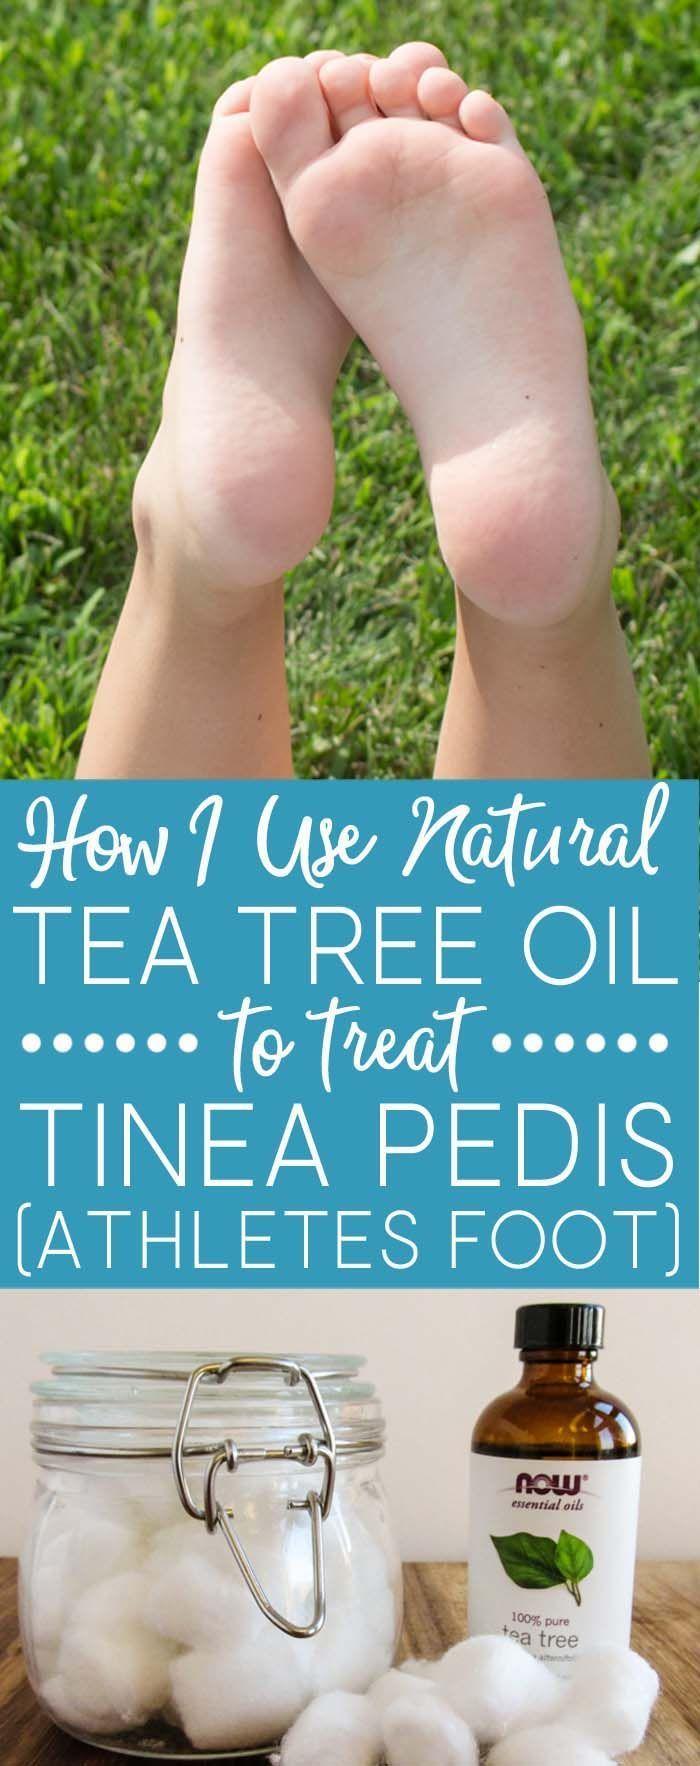 Learn how I successfully use tea tree oil to treat tinea pedis (athletes foot) i